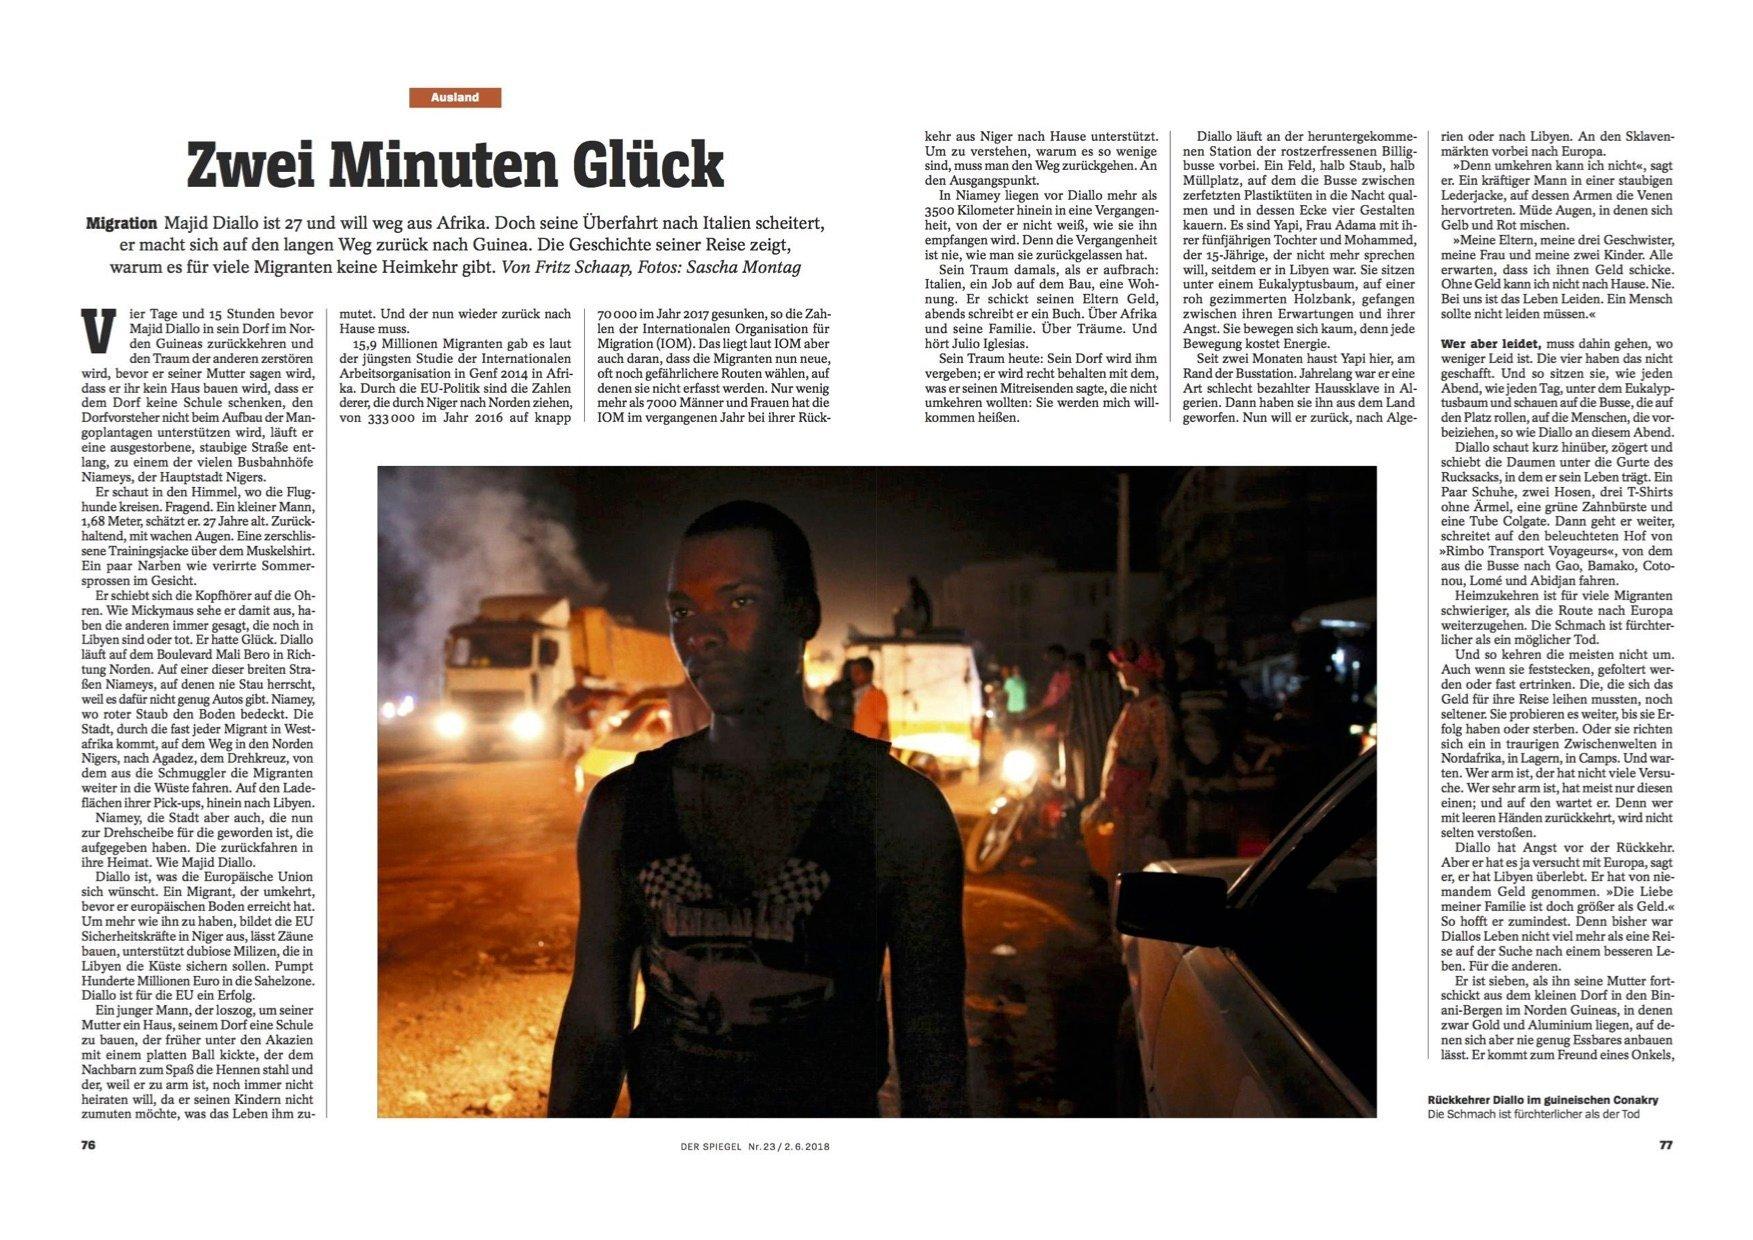 Der Spiegel 02.06.18